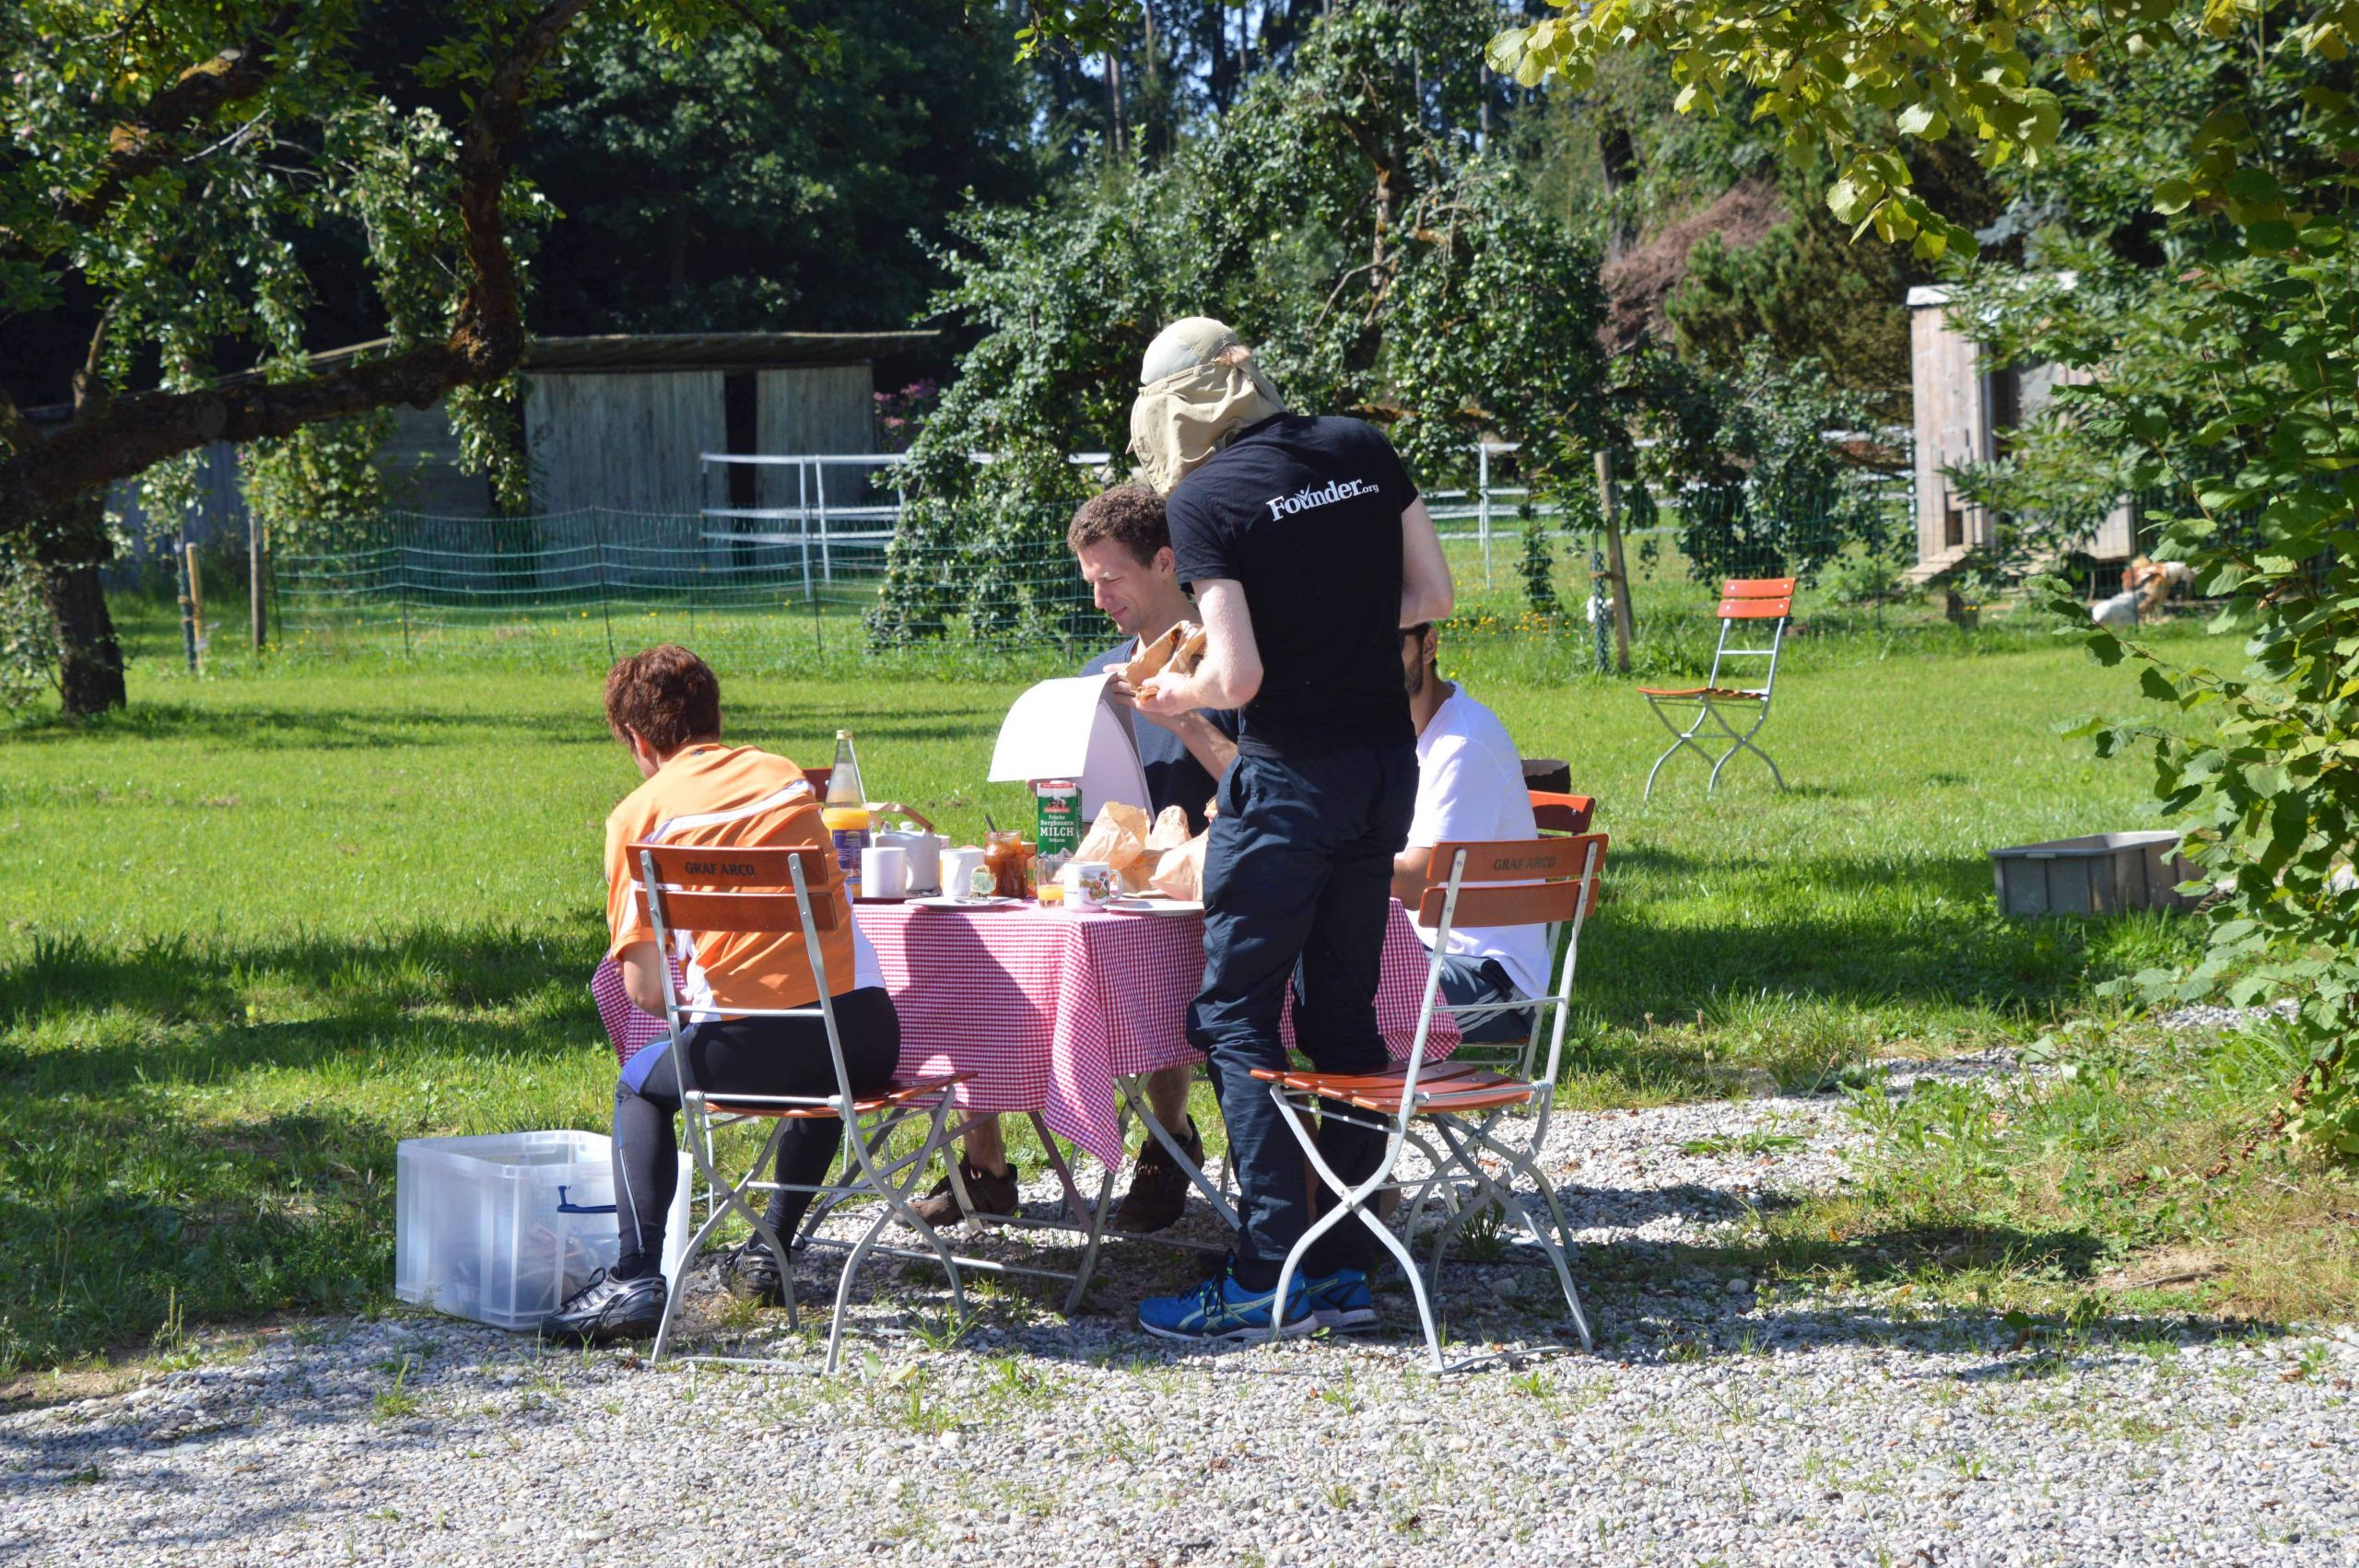 Foto2 Strategie Workshop im Grünen sm